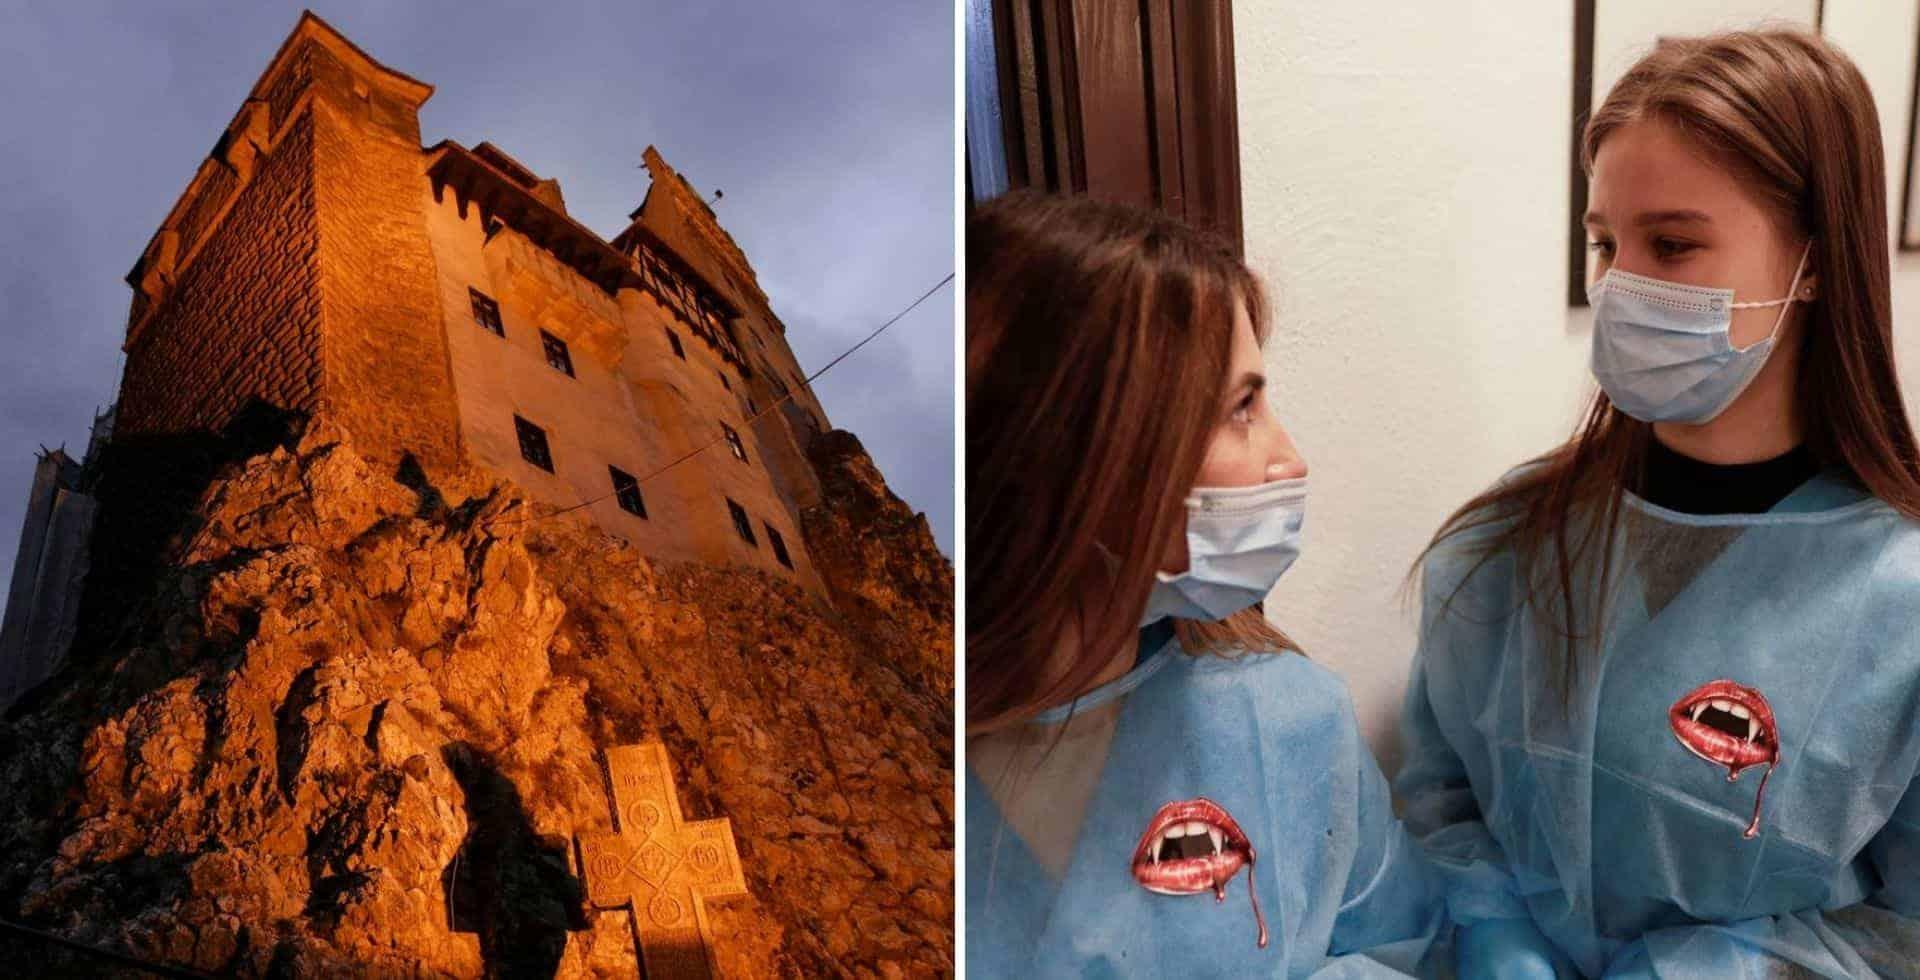 El castillo de Drácula, en Rumania, ofrece a sus visitantes la posibilidad de vacunarse contra el COVID-19